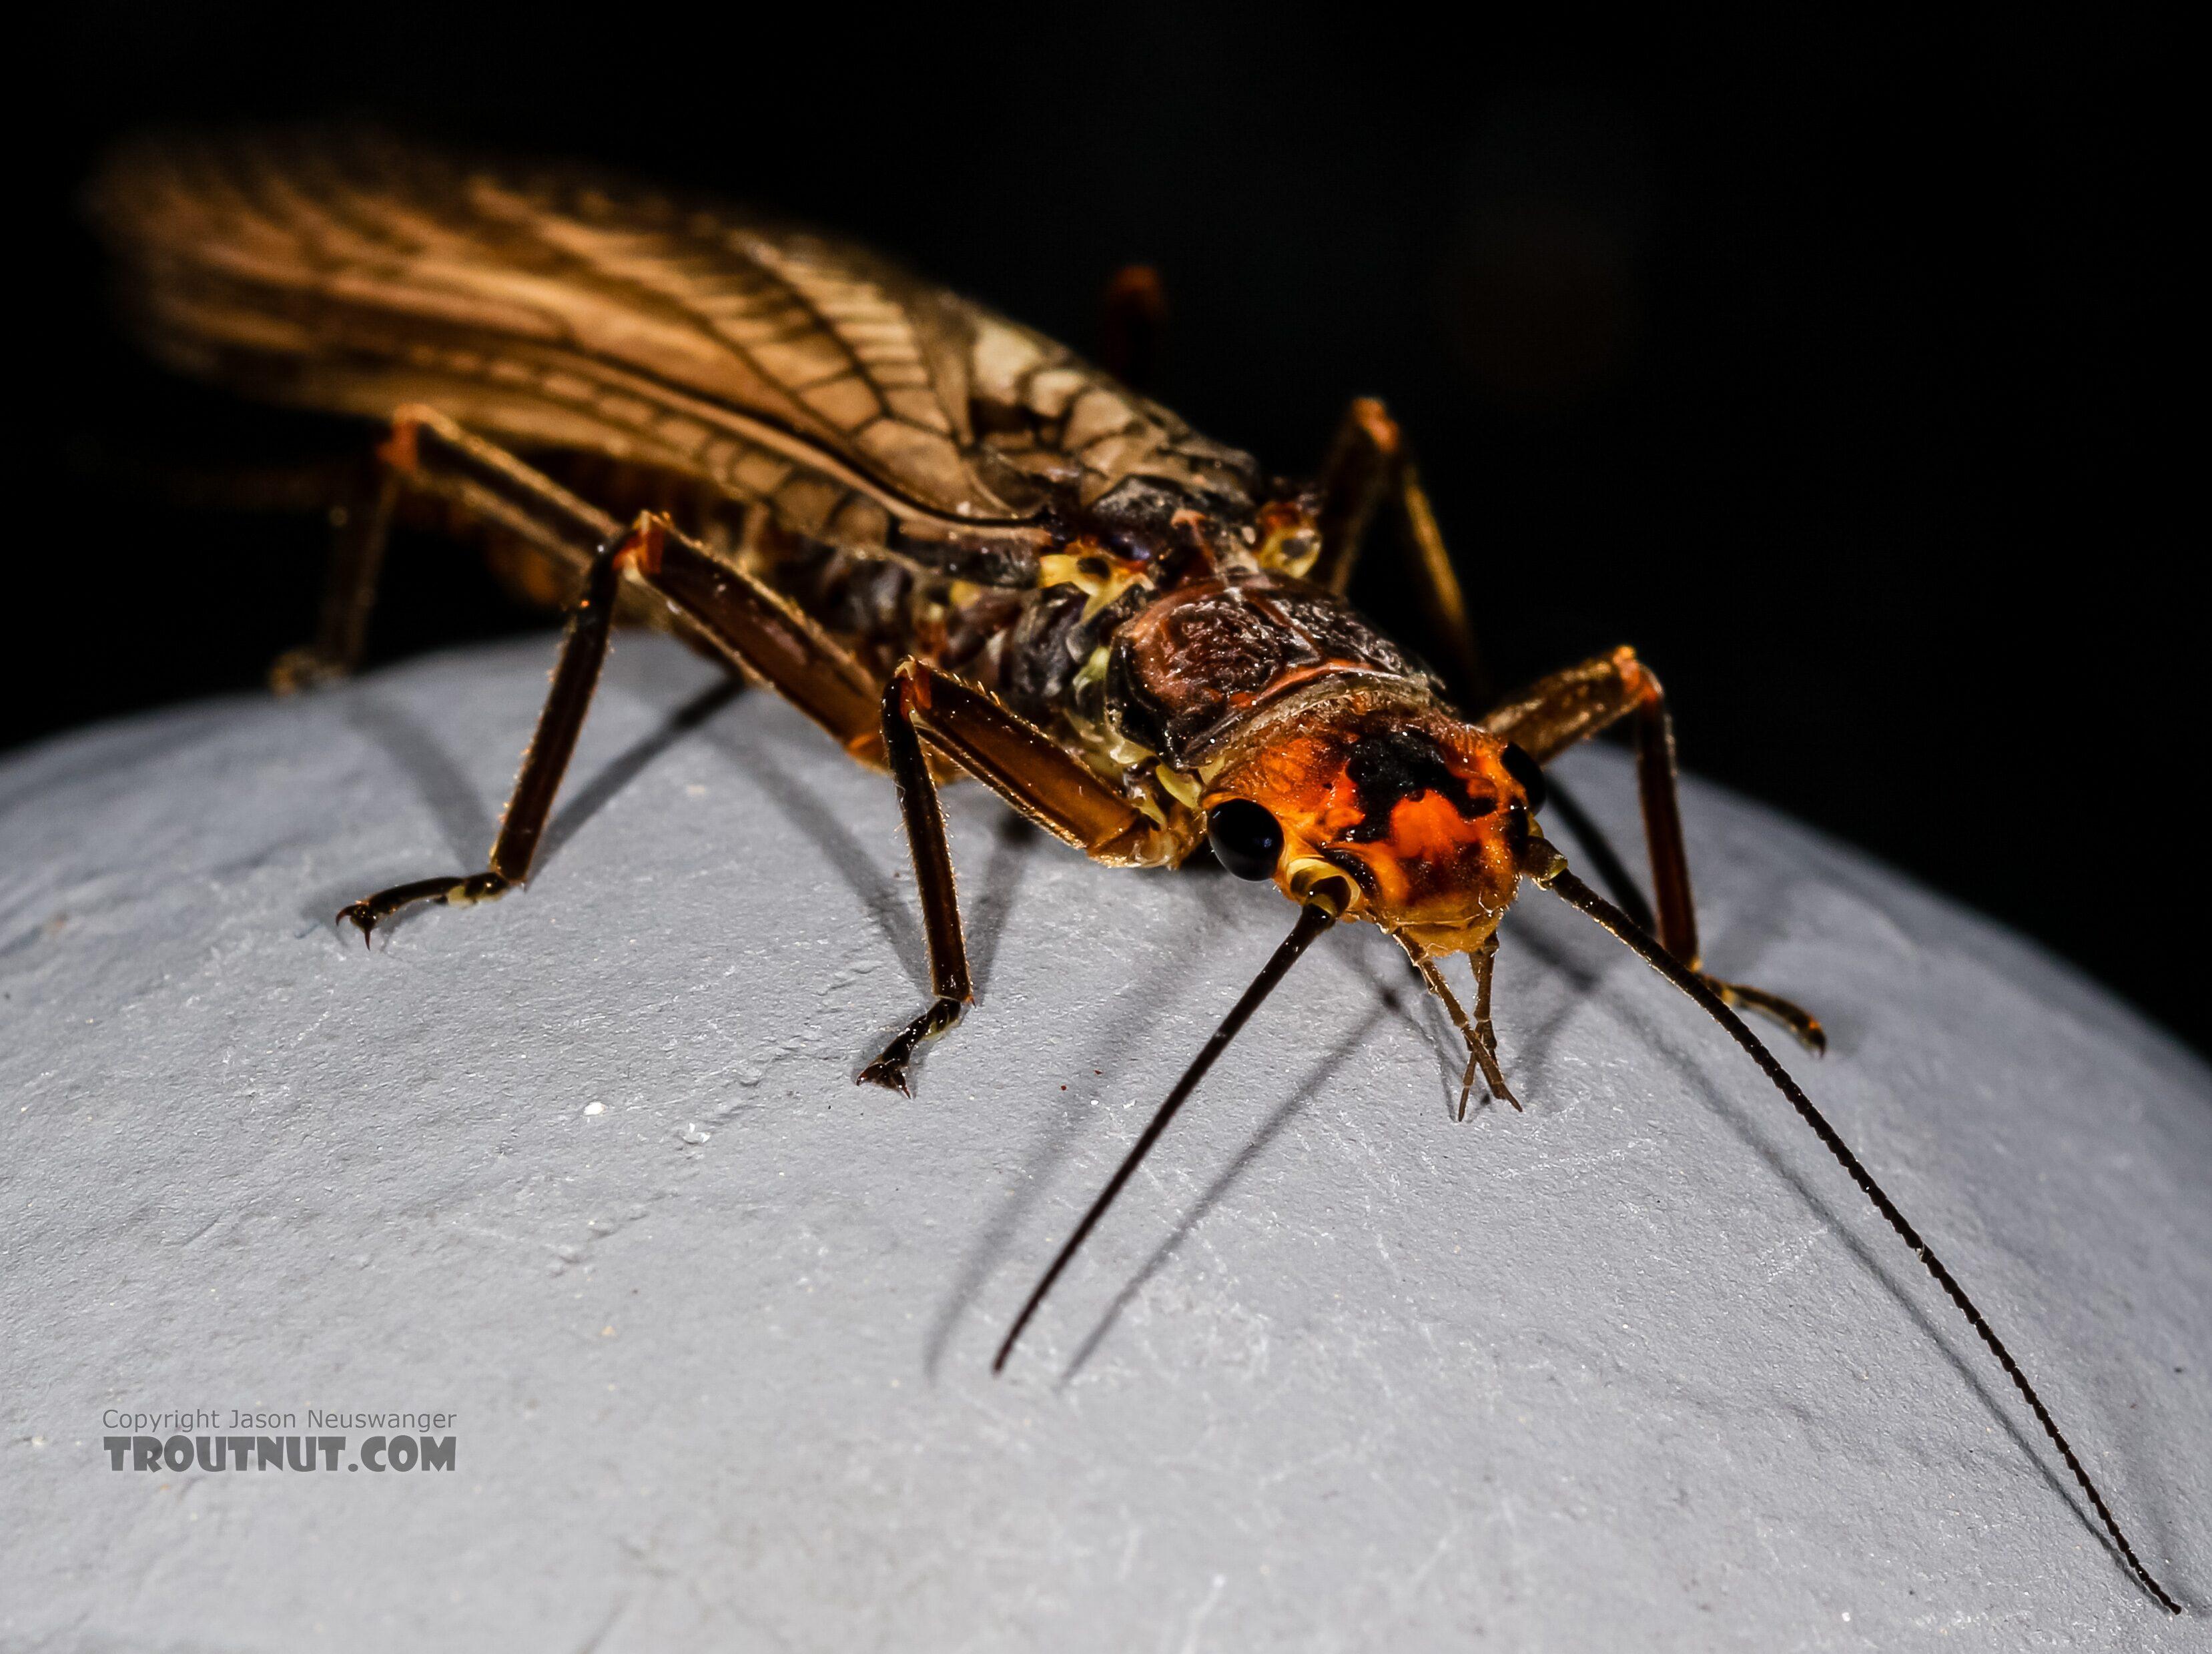 Female Hesperoperla pacifica (Golden Stone) Stonefly Adult from the Henry's Fork of the Snake River in Idaho